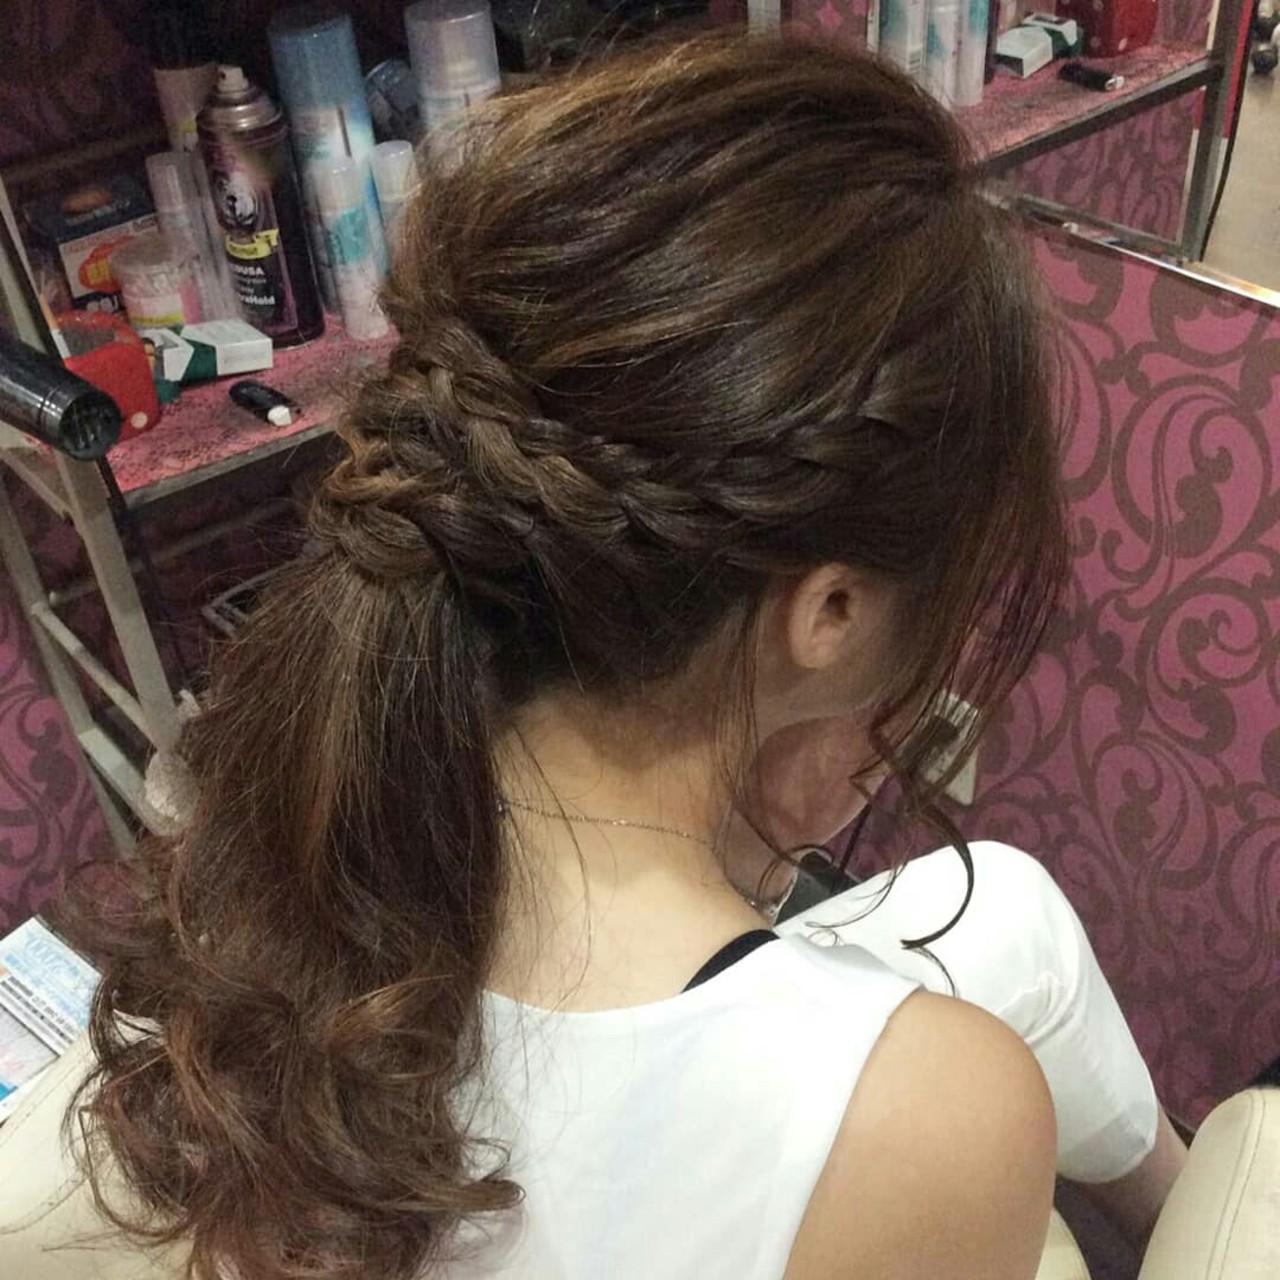 ポニーテール ロング 編み込み ナチュラル ヘアスタイルや髪型の写真・画像 | rumiLINKS美容室 / リンクス美容室